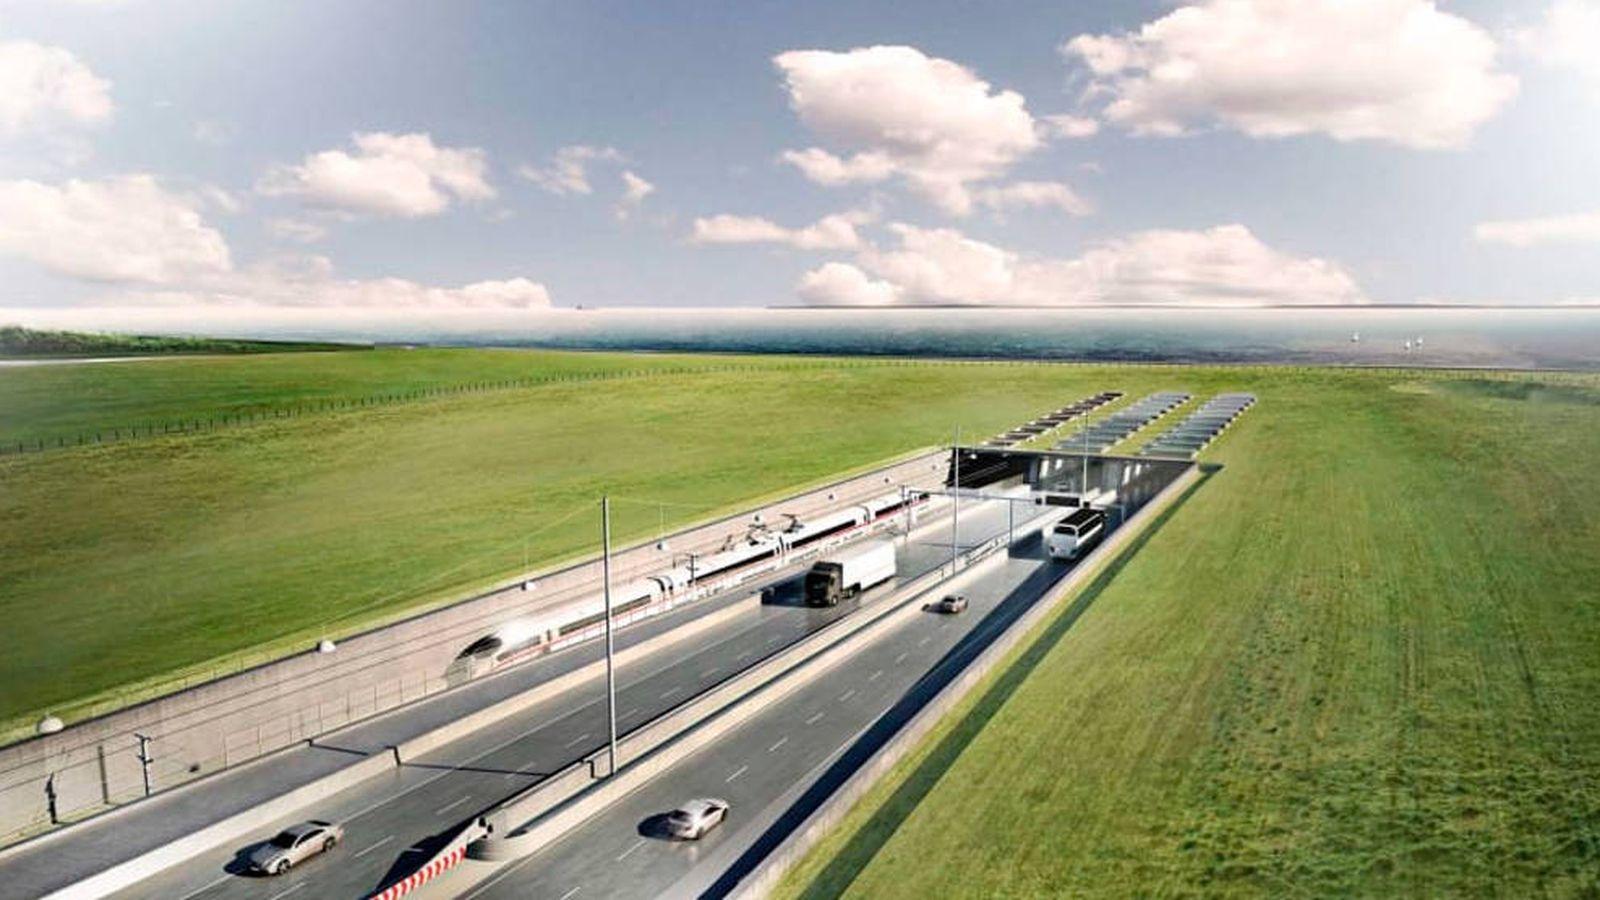 Ingeniería: Comienzan las obras del Fehmarnbelt, el túnel sumergido más largo del mundo